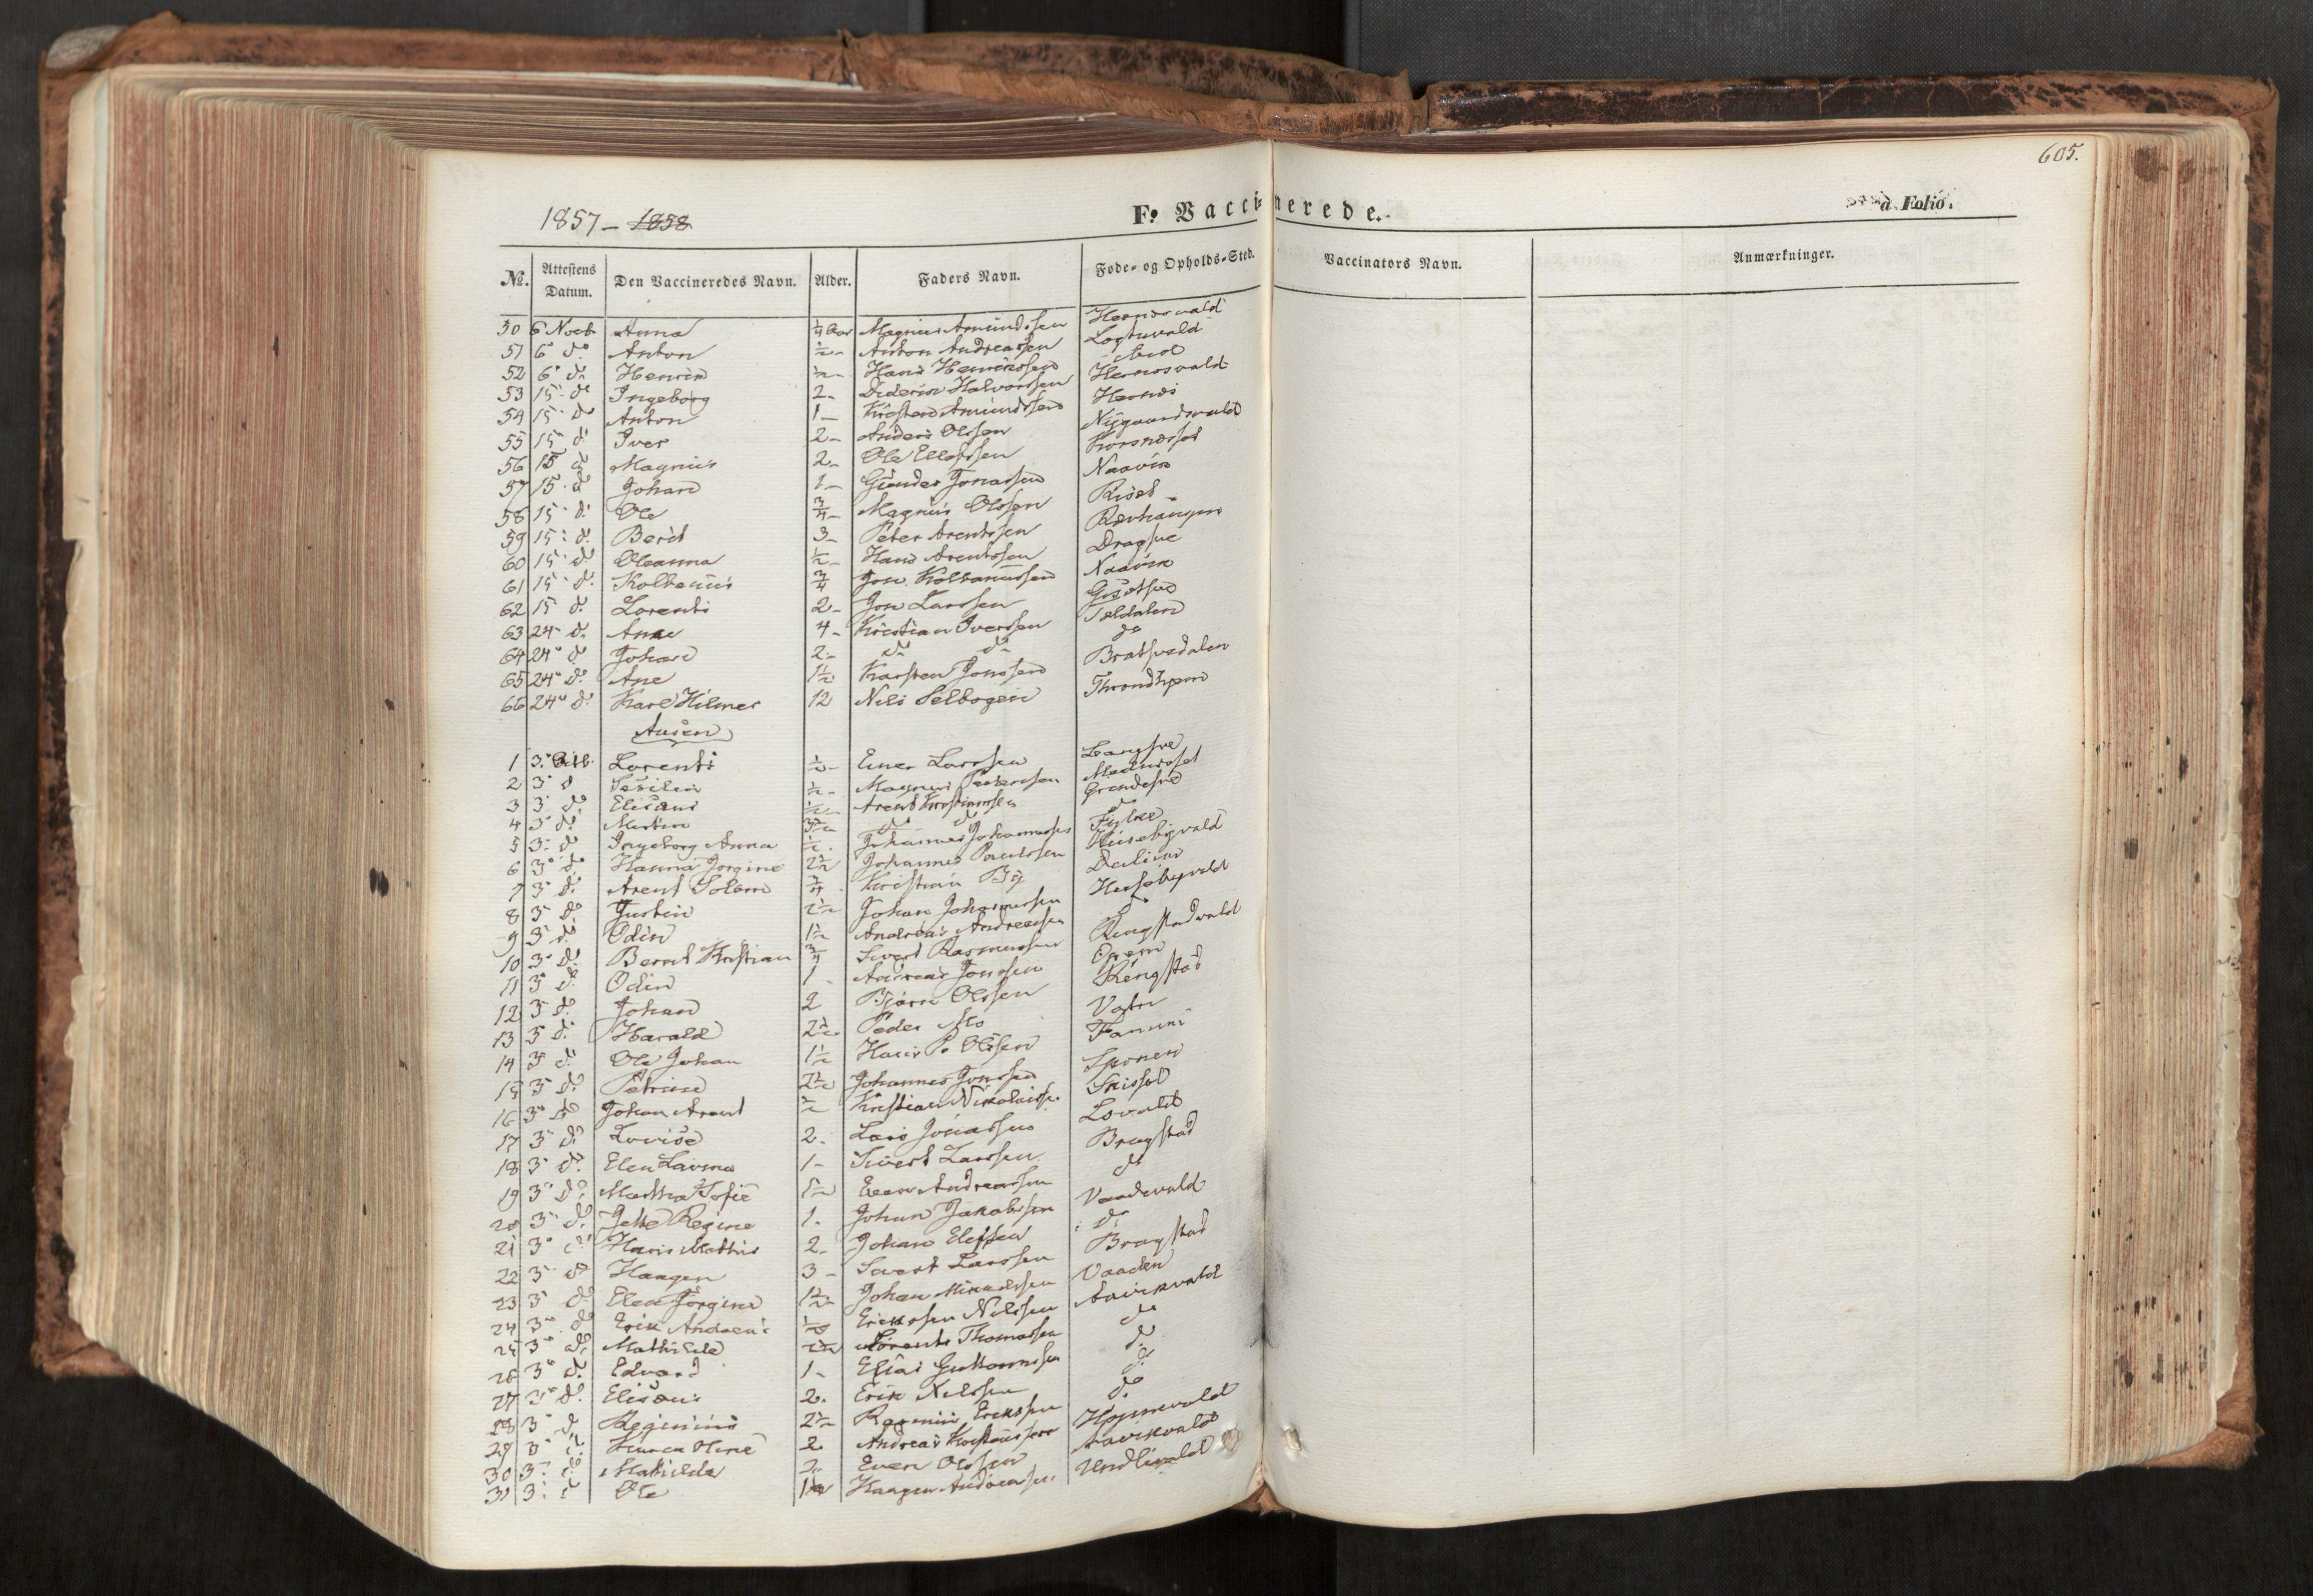 SAT, Ministerialprotokoller, klokkerbøker og fødselsregistre - Nord-Trøndelag, 713/L0116: Ministerialbok nr. 713A07, 1850-1877, s. 605